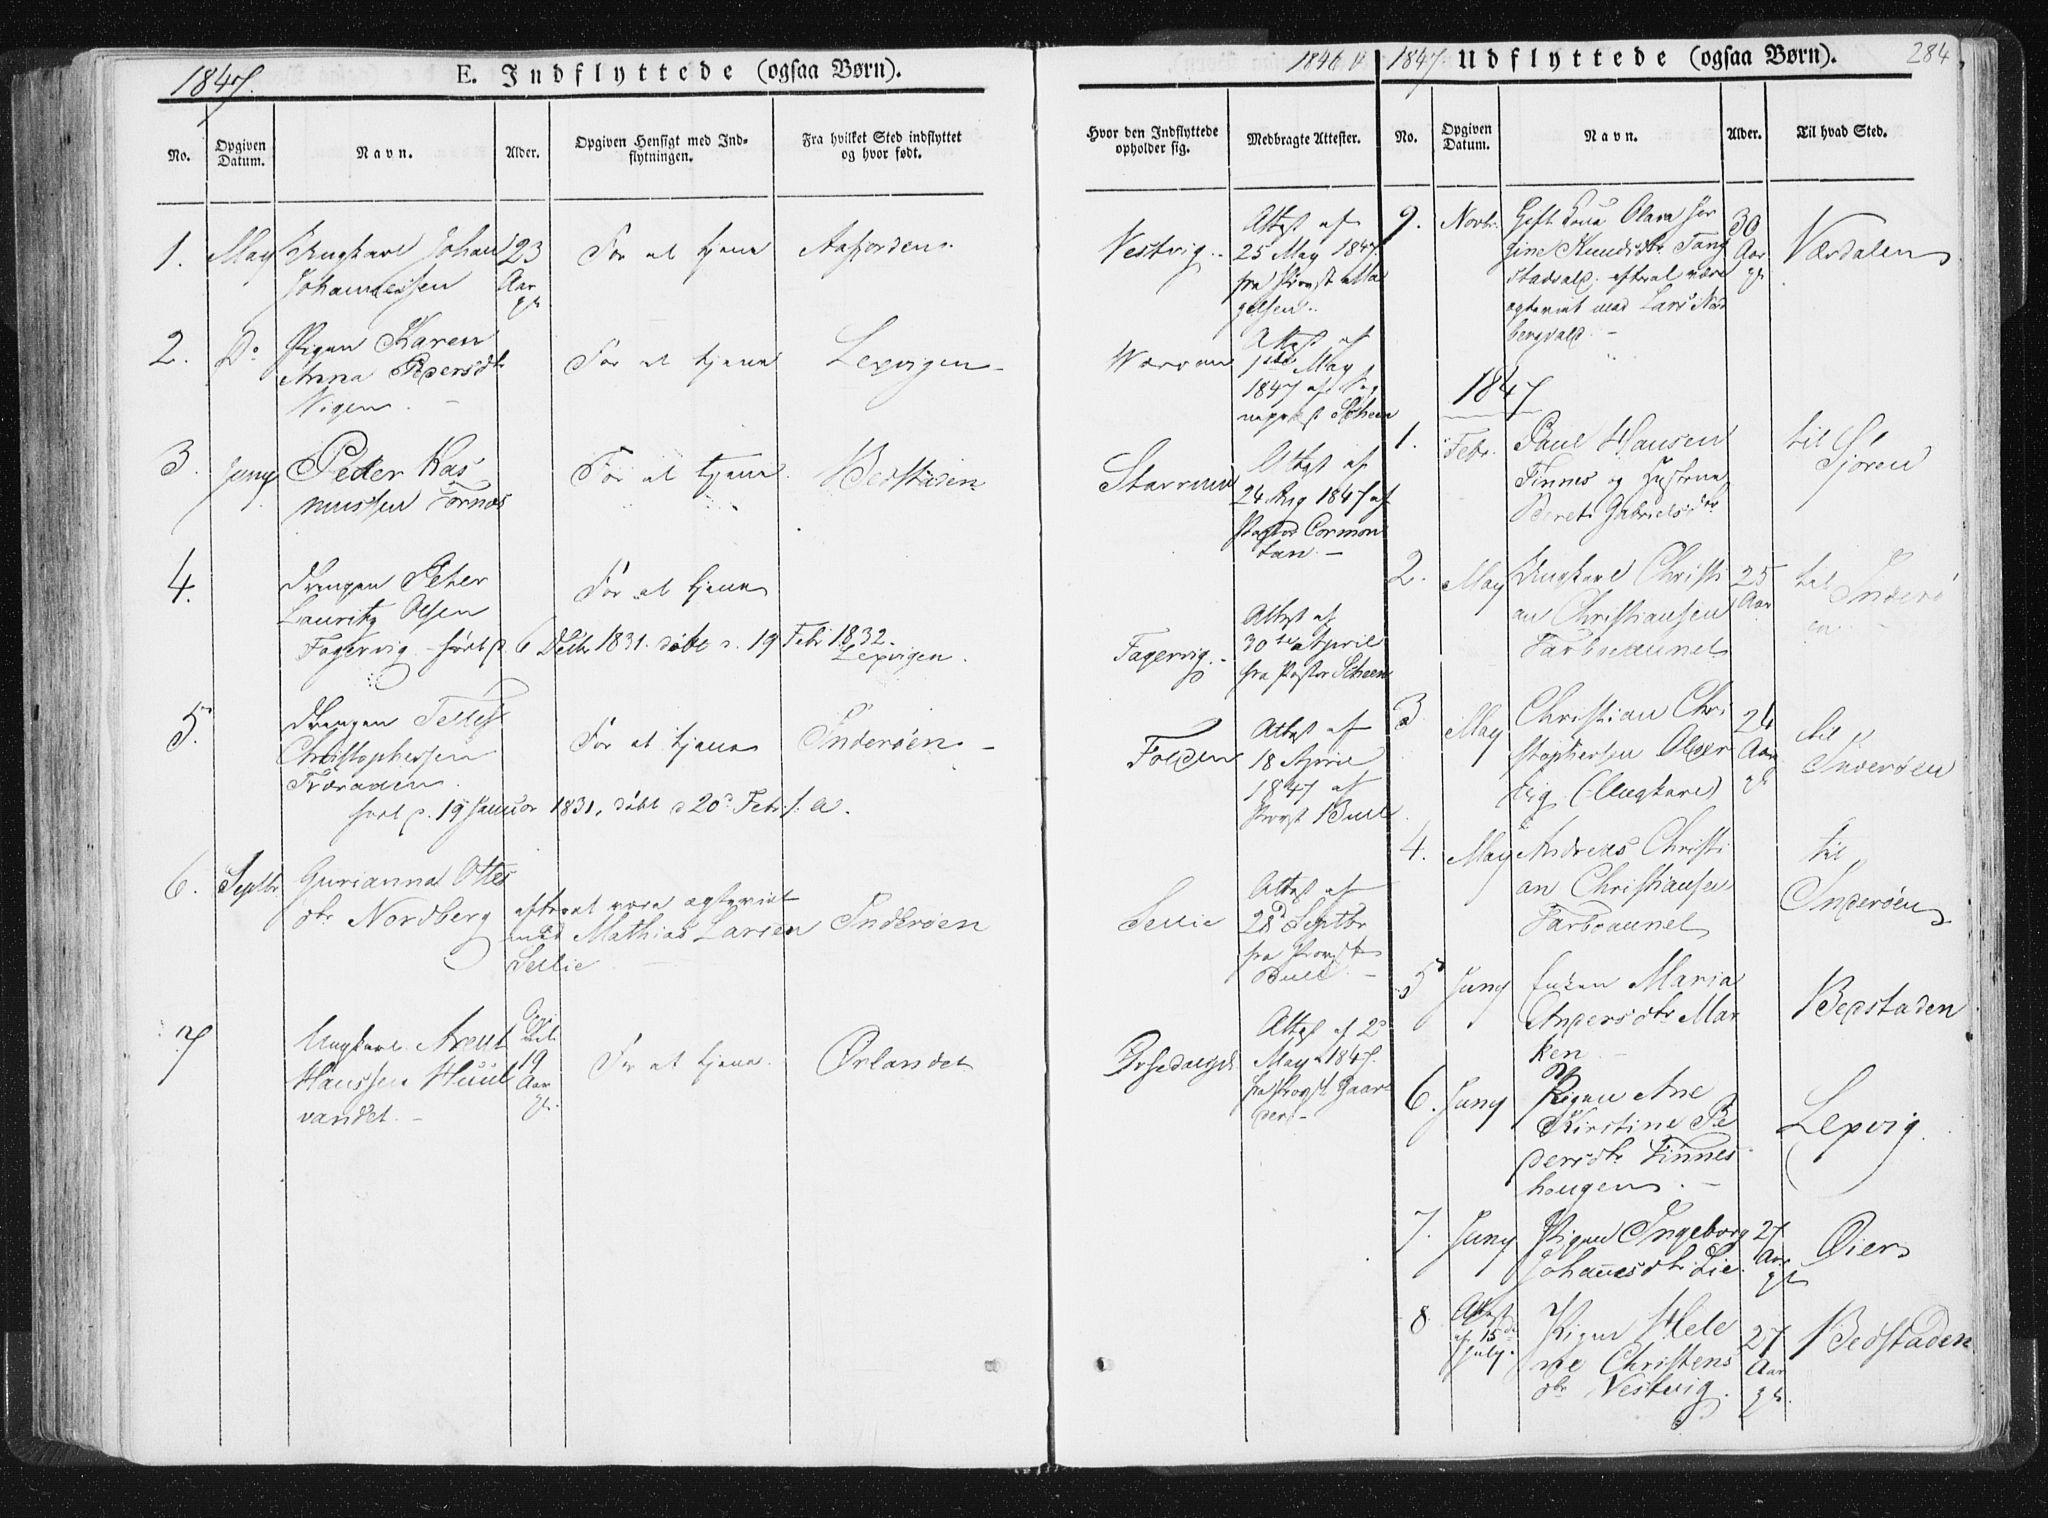 SAT, Ministerialprotokoller, klokkerbøker og fødselsregistre - Nord-Trøndelag, 744/L0418: Ministerialbok nr. 744A02, 1843-1866, s. 284